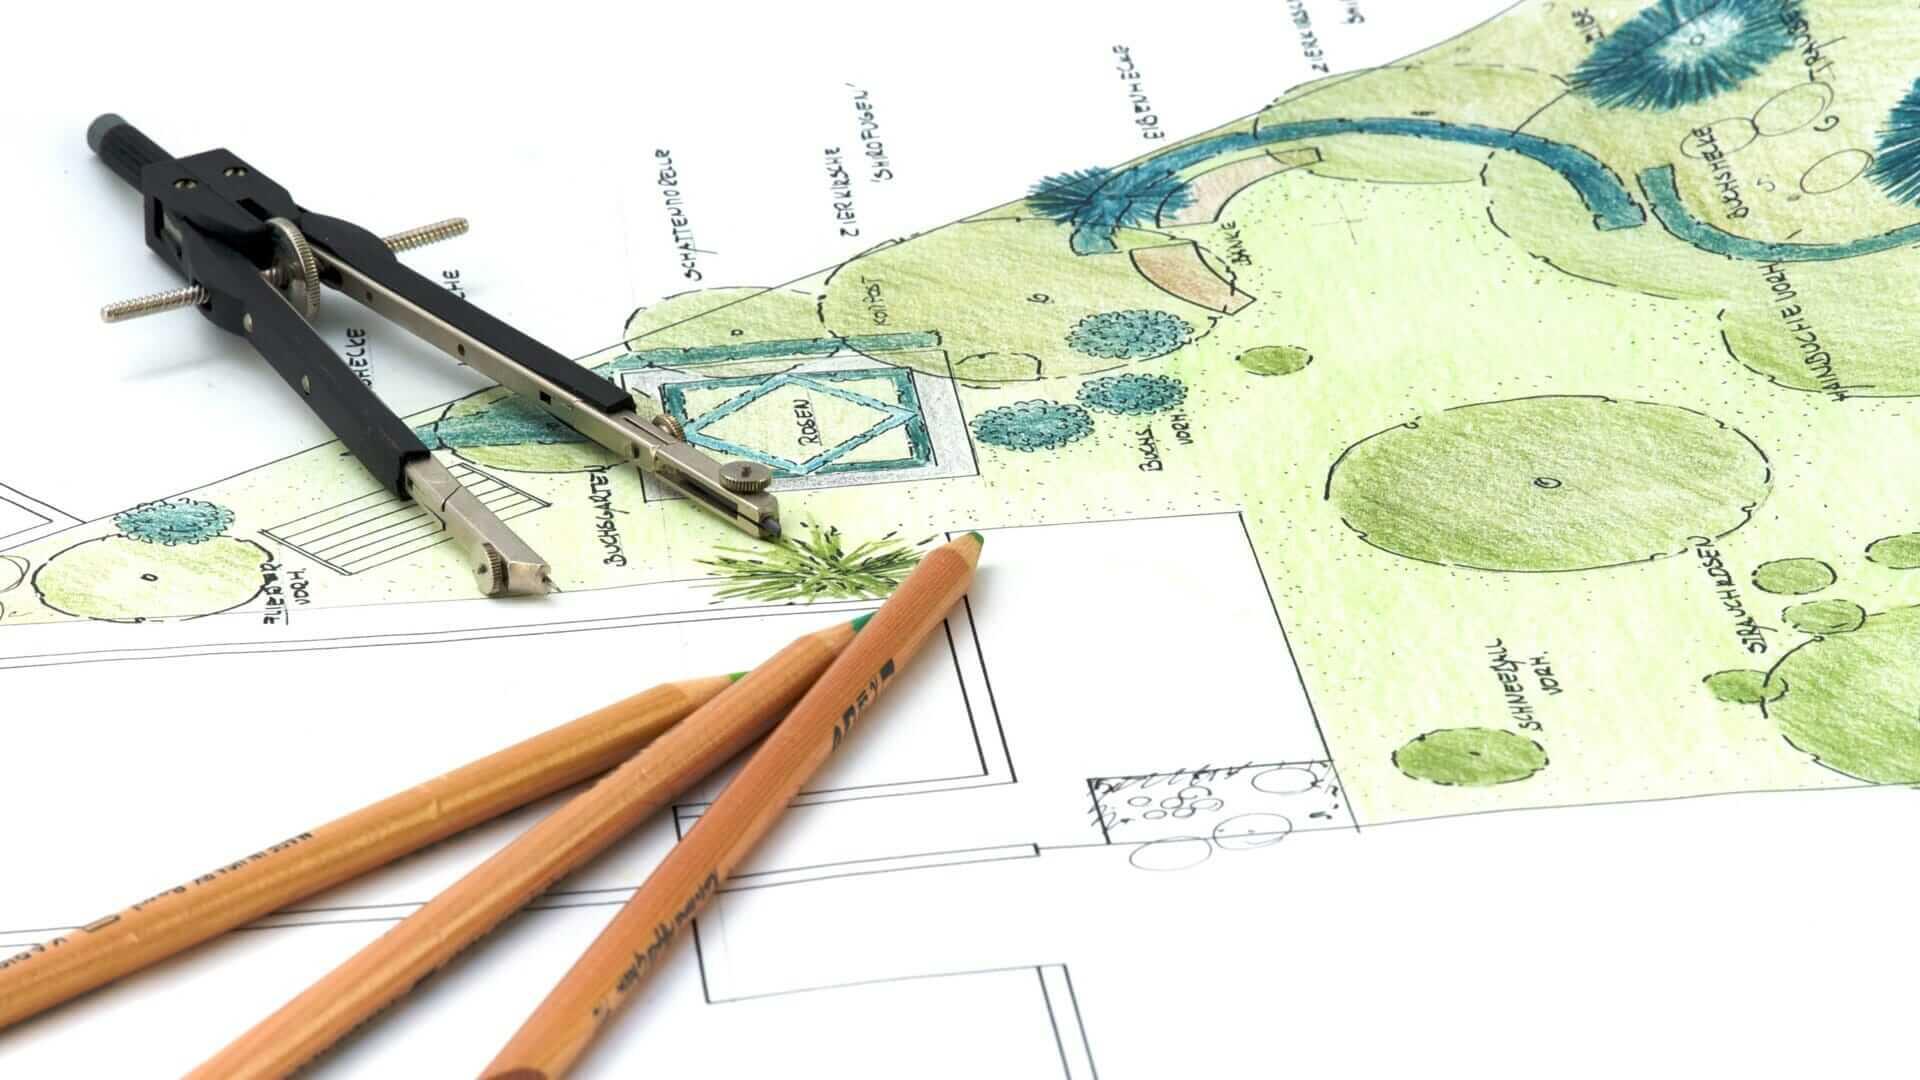 Garten Neu Anlegen Digitale Gartenplanung Im 5 Seen Land